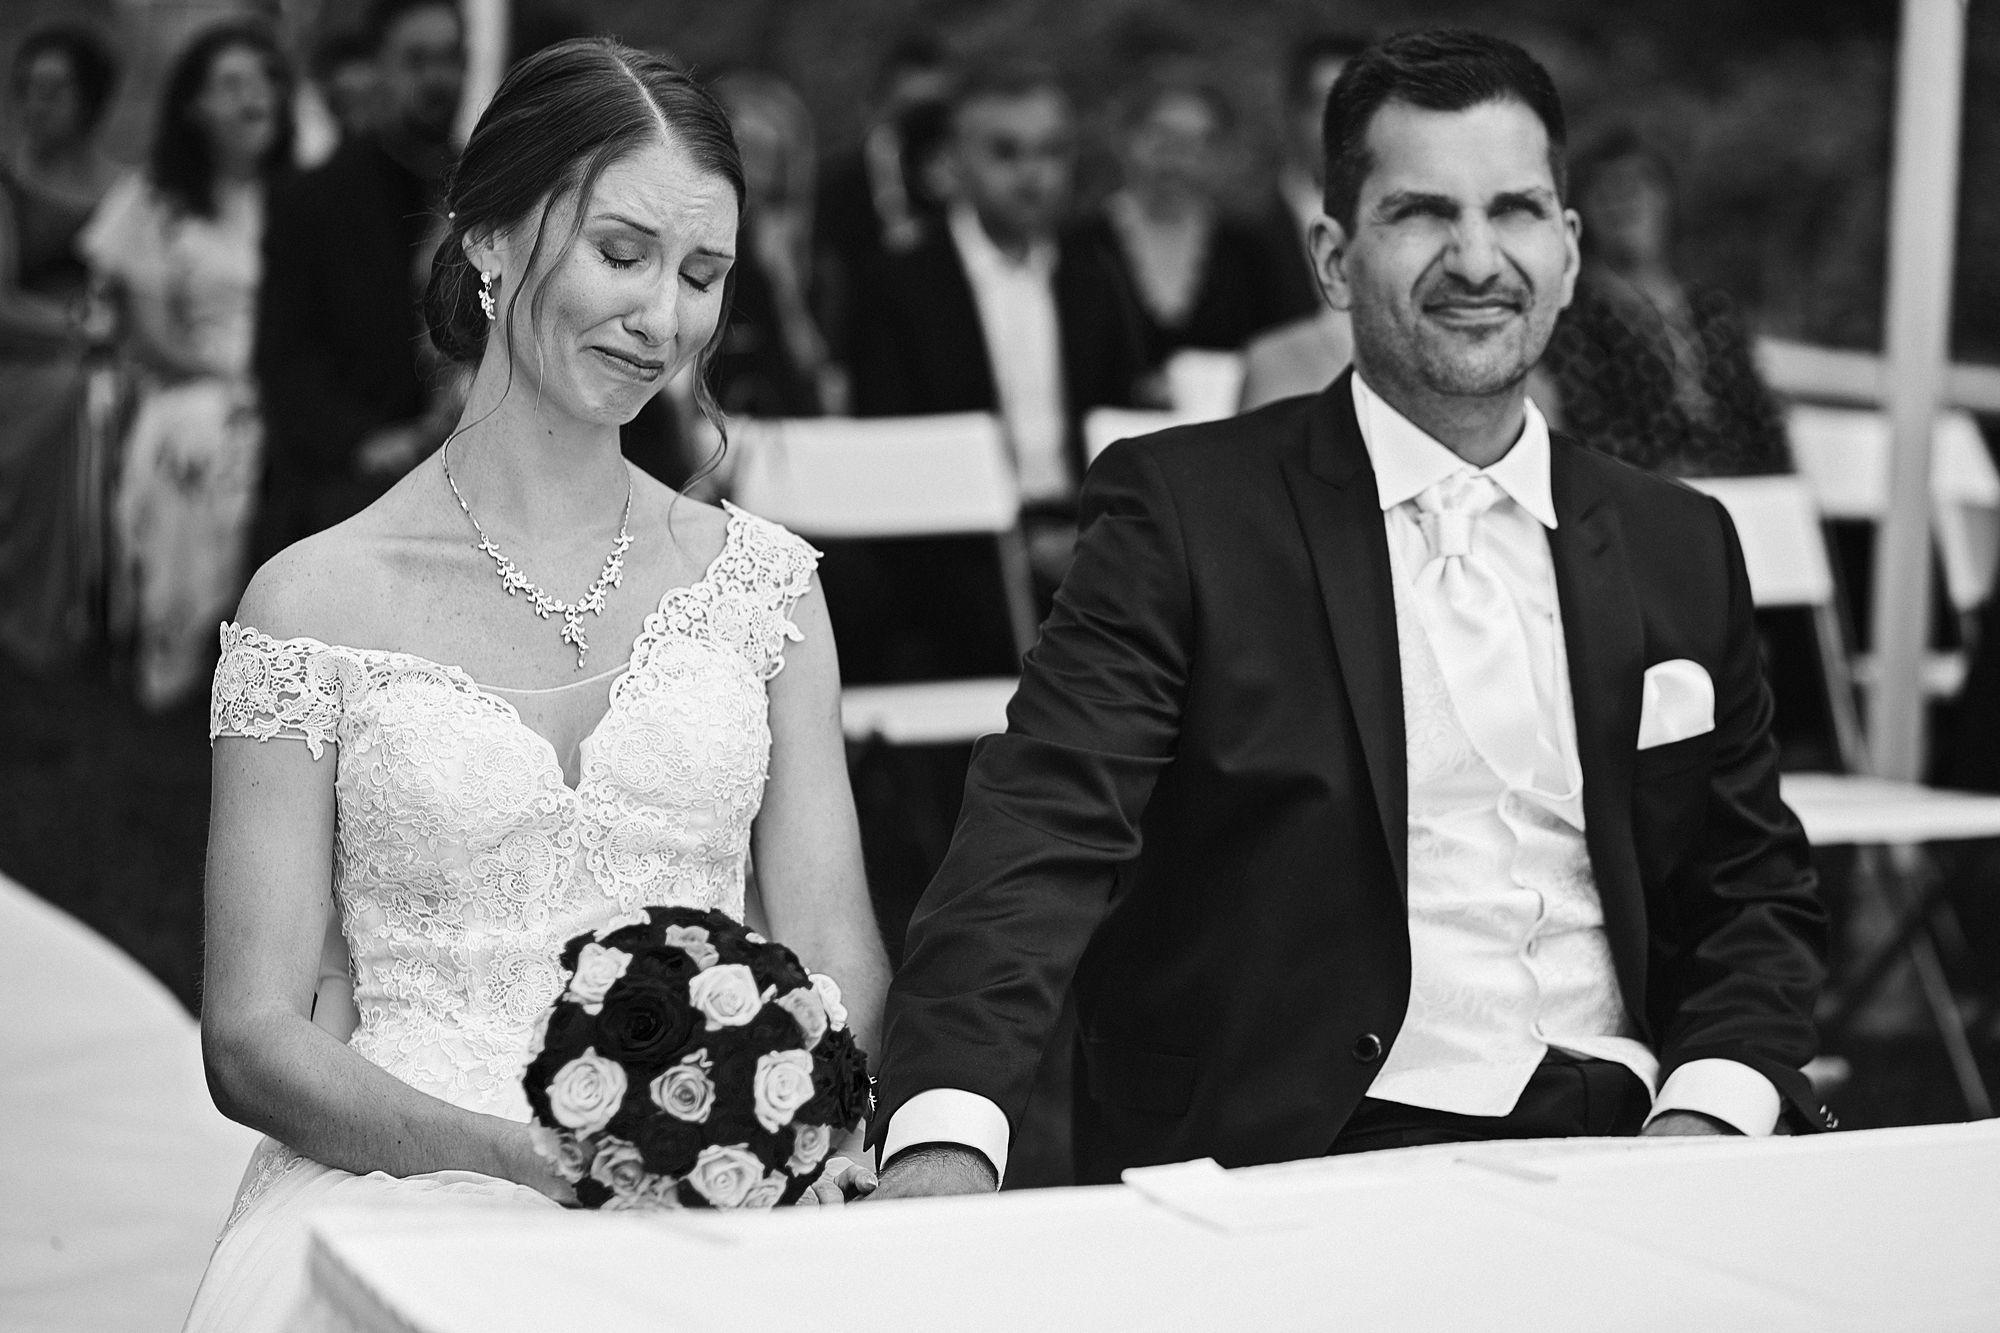 Eine Hochzeit In Der Villa Blumenfisch In Berlin Kleid Hochzeit Hochzeit Trauung